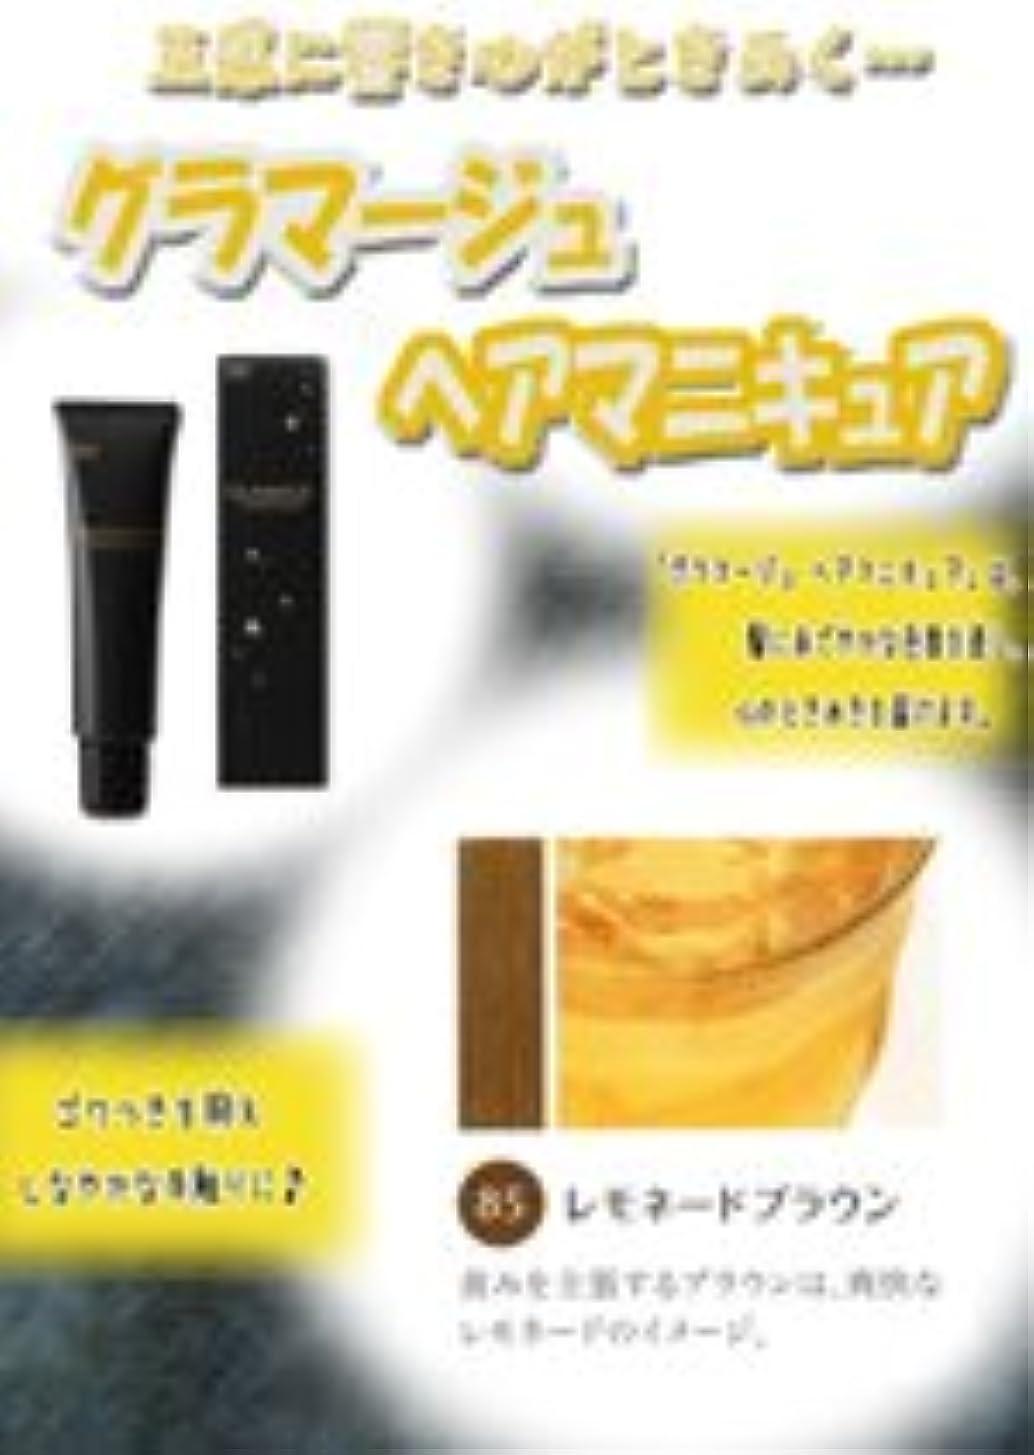 HOYU ホーユー グラマージュ ヘアマニキュア 85 レモネードブラウン 150g 【ブラウン系】